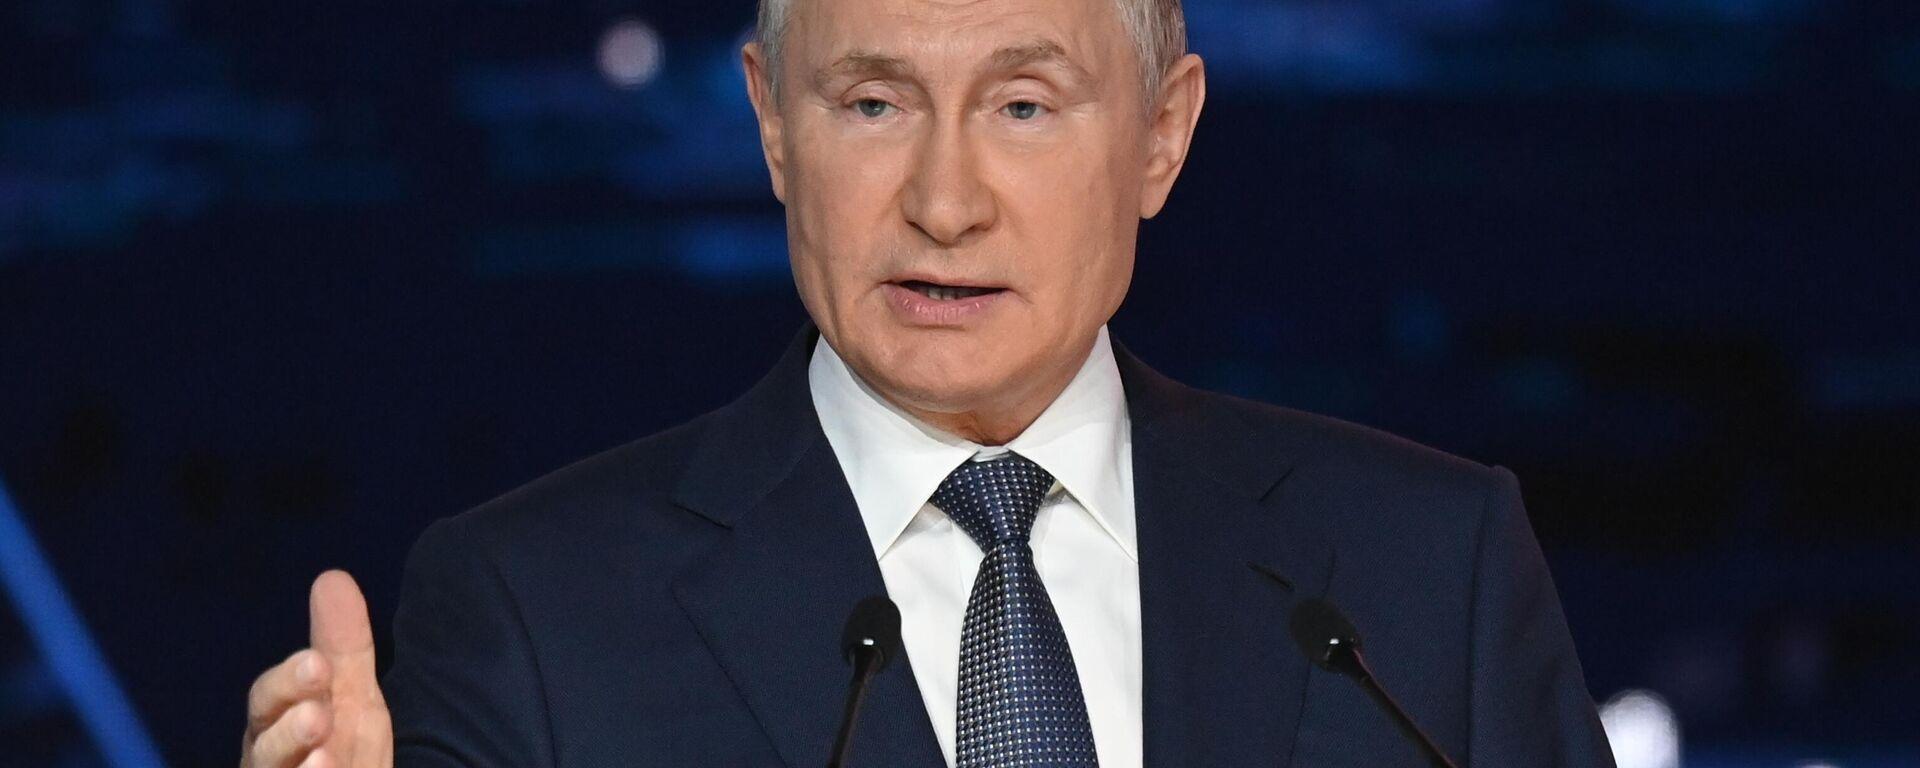 Il presidente russo Vladimir Putin al Forum Economico Orientale - Sputnik Italia, 1920, 17.09.2021